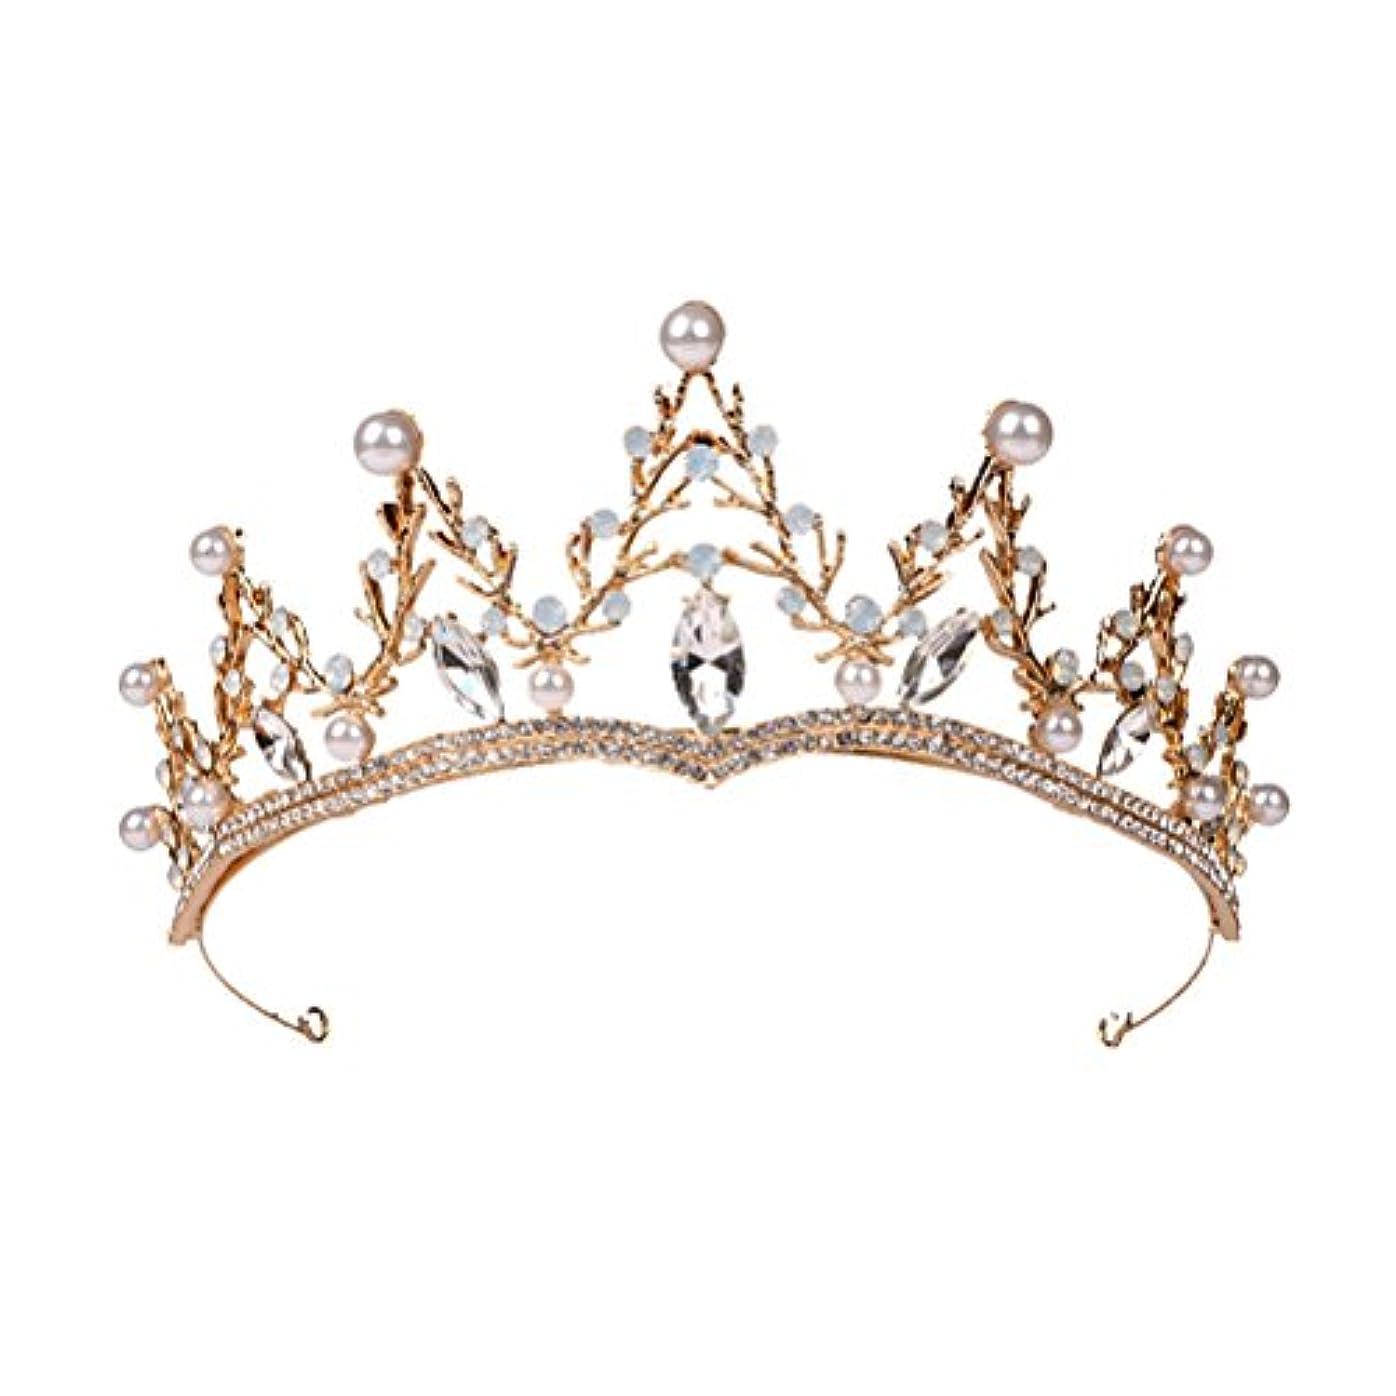 新着バックグラウンド自明LUOEM ブライダル ティアラ ヘアバンド 花嫁 結婚式 ウェディング 王冠 クラウン クリスタル 髪飾り ヘアアクセサリー(ゴールド)